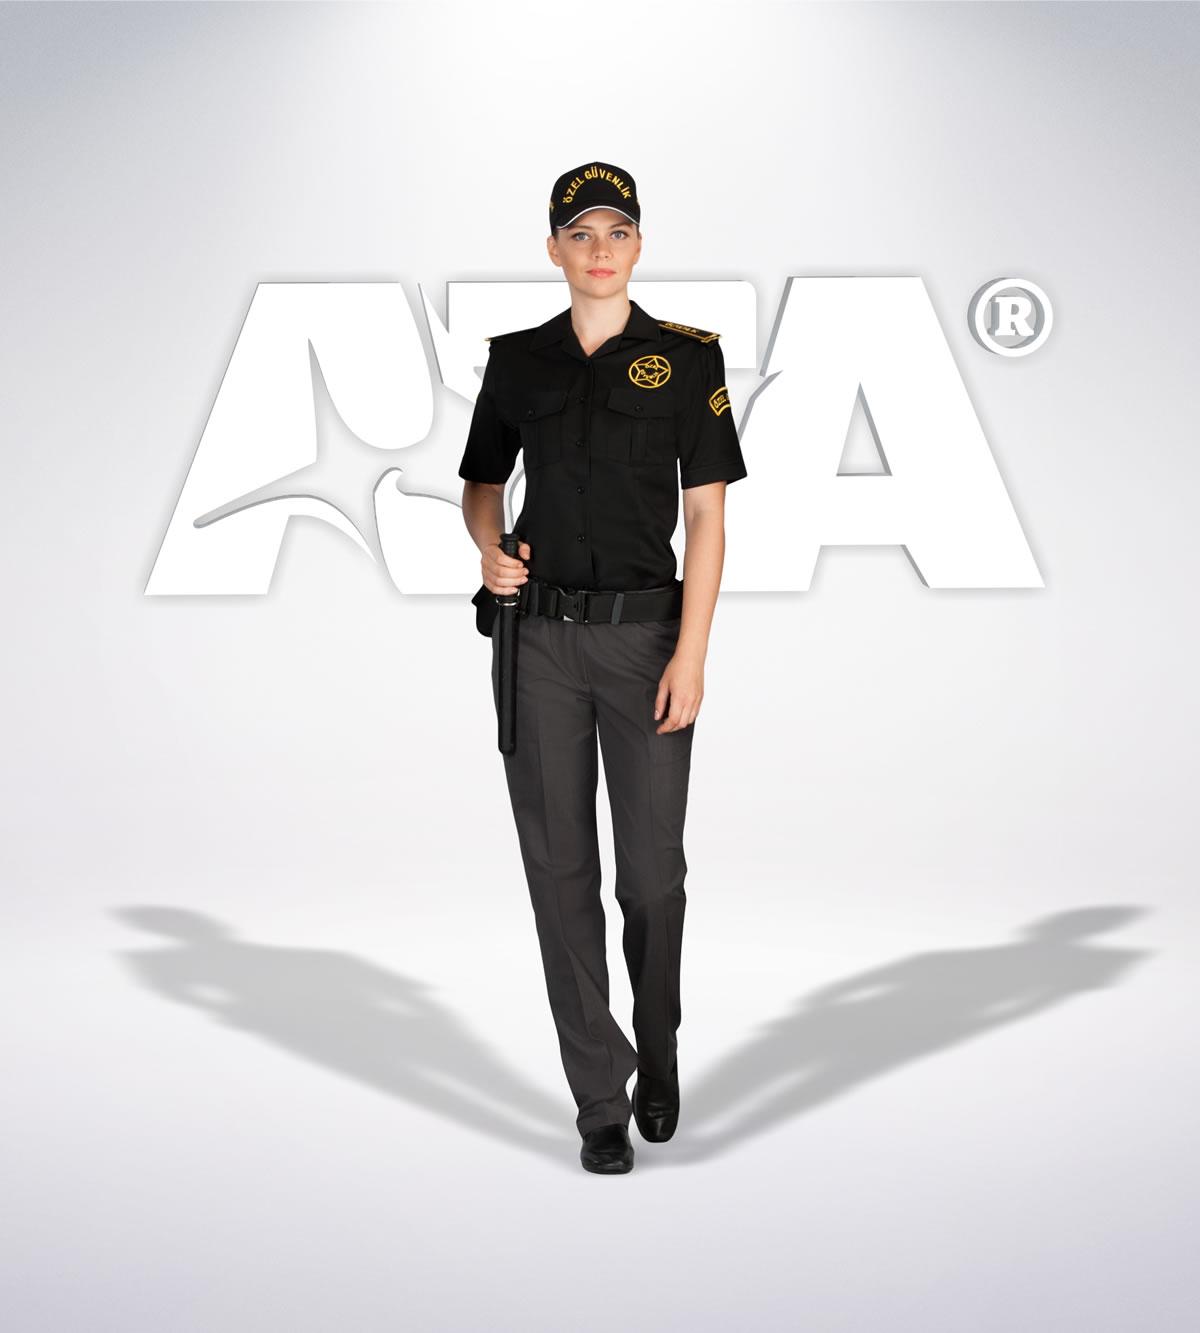 ATA 131 - Pantolon yazlık - gömlek yazlık-kışlık - aksesuar - güvenlik elbiseleri | güvenlik üniformaları | güvenlik kıyafetleri